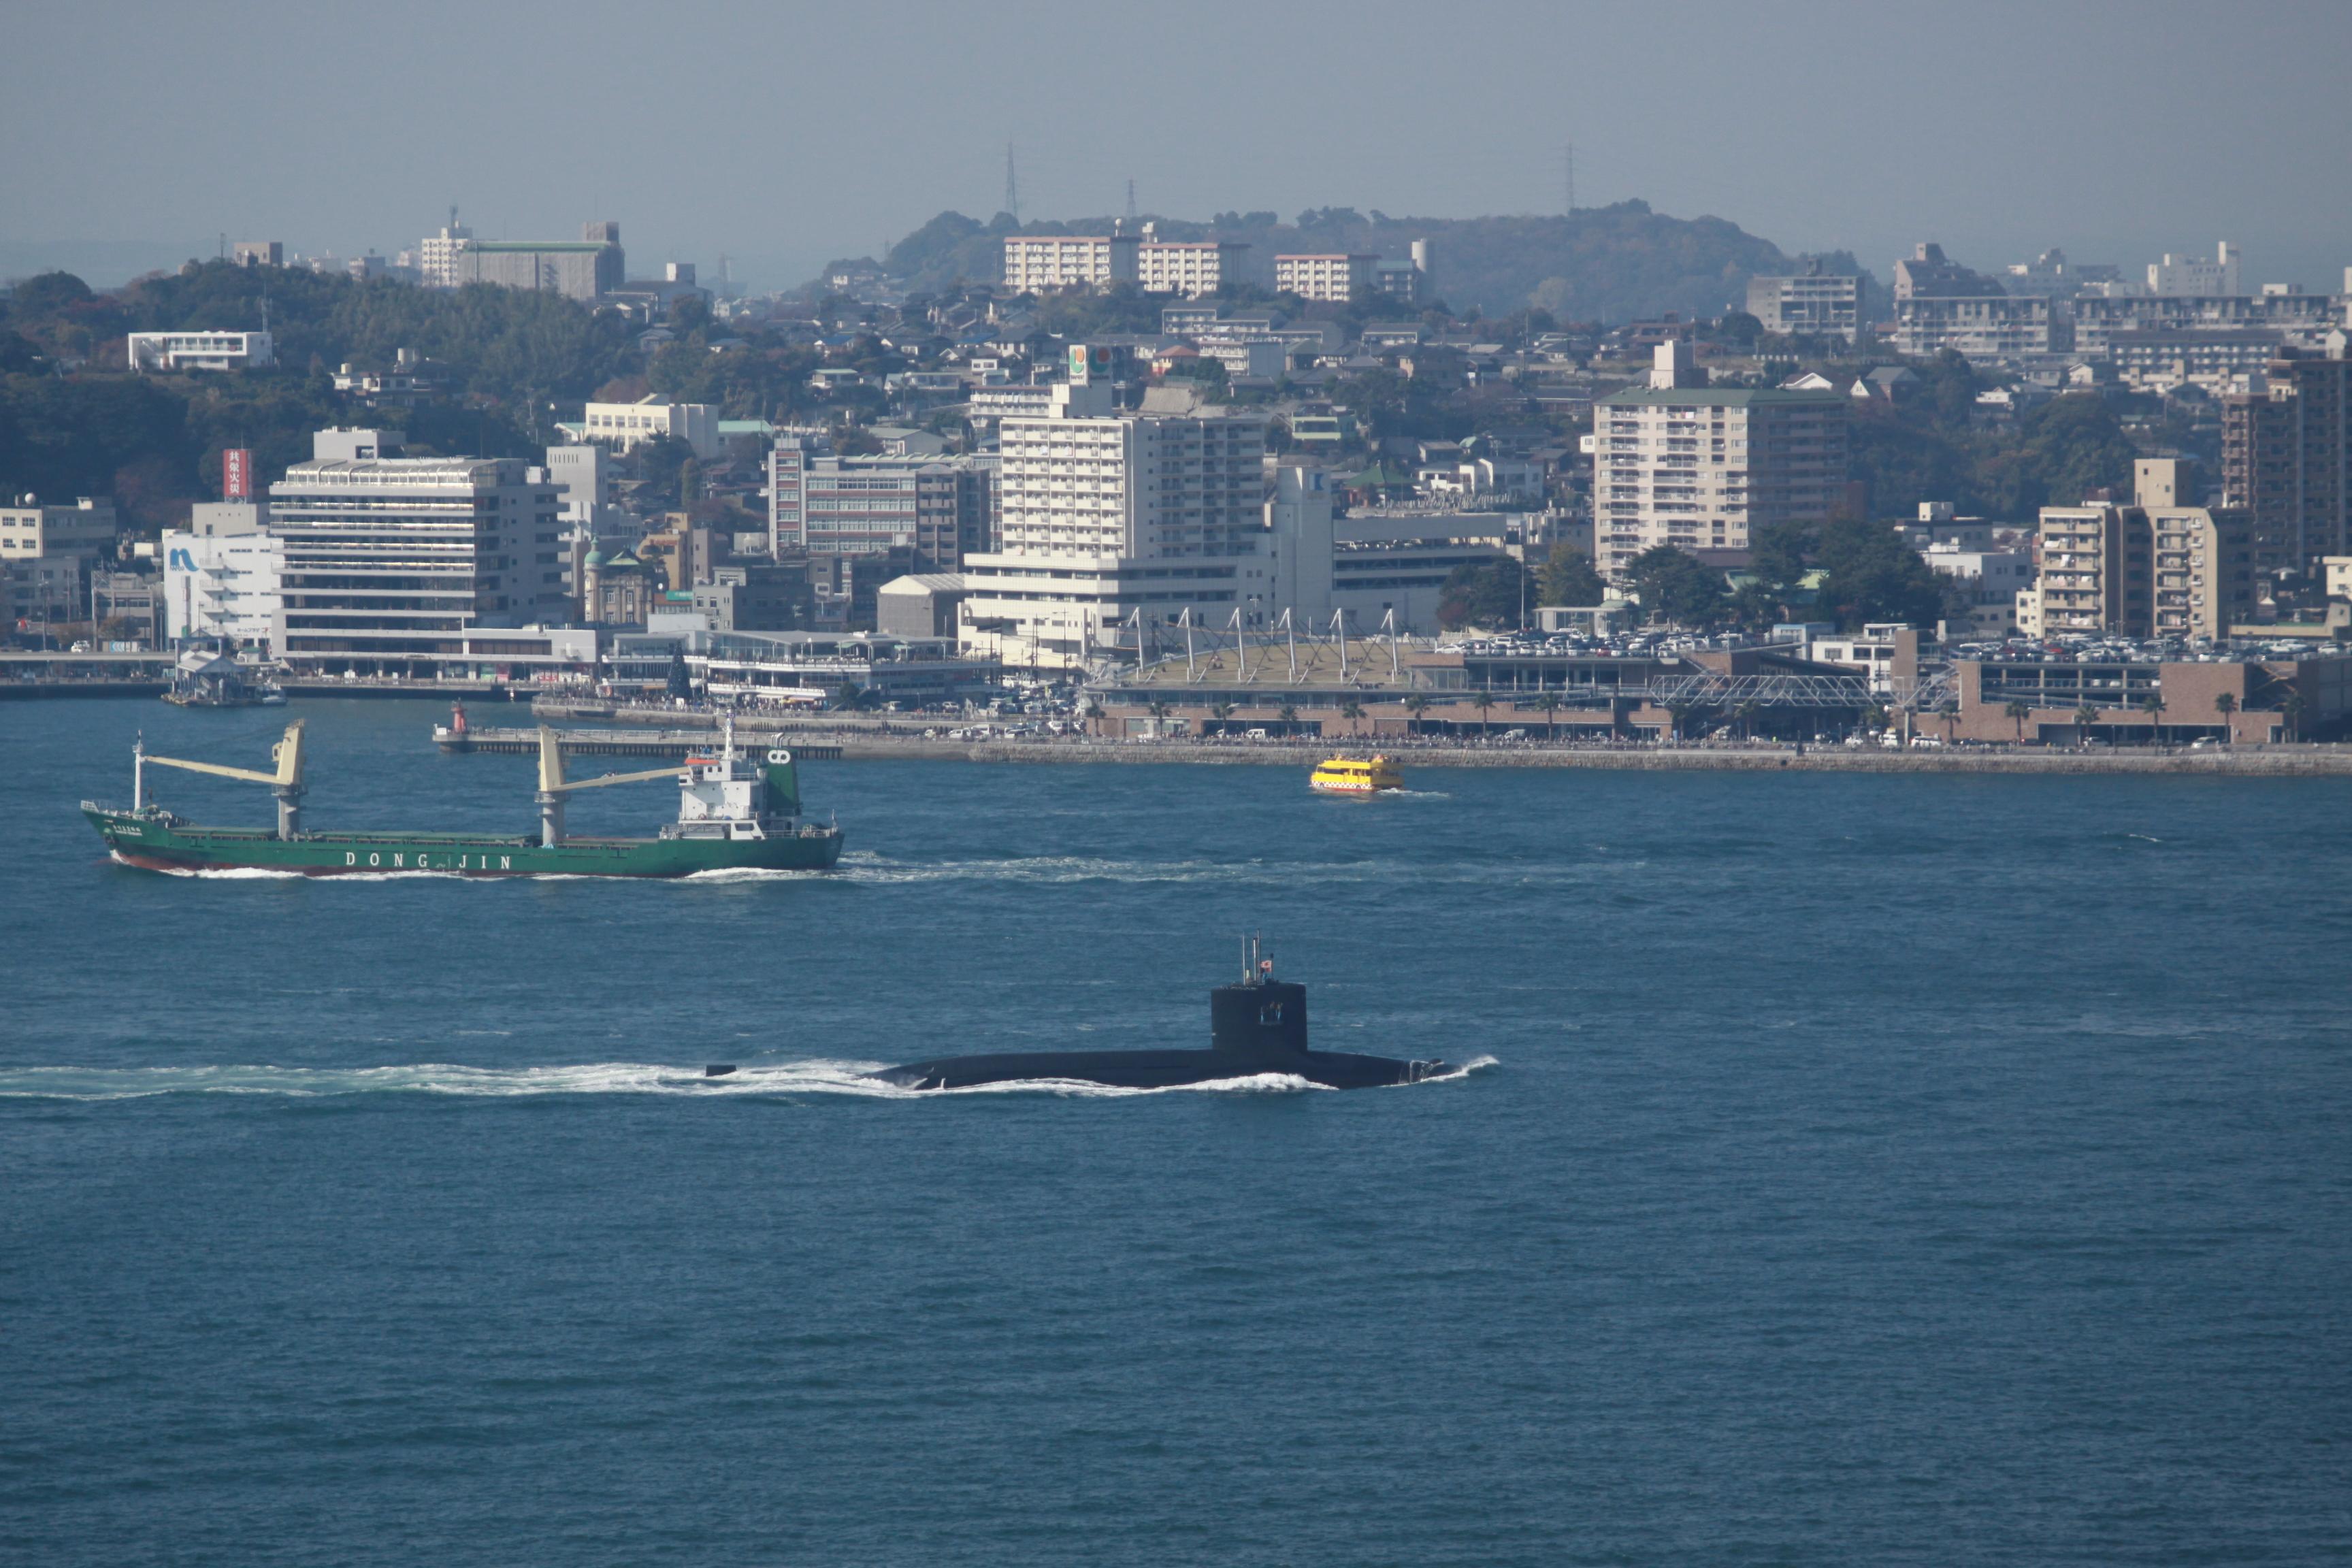 関門海峡でときどき見られます 常設展示室 北九州市 時と風の博物館